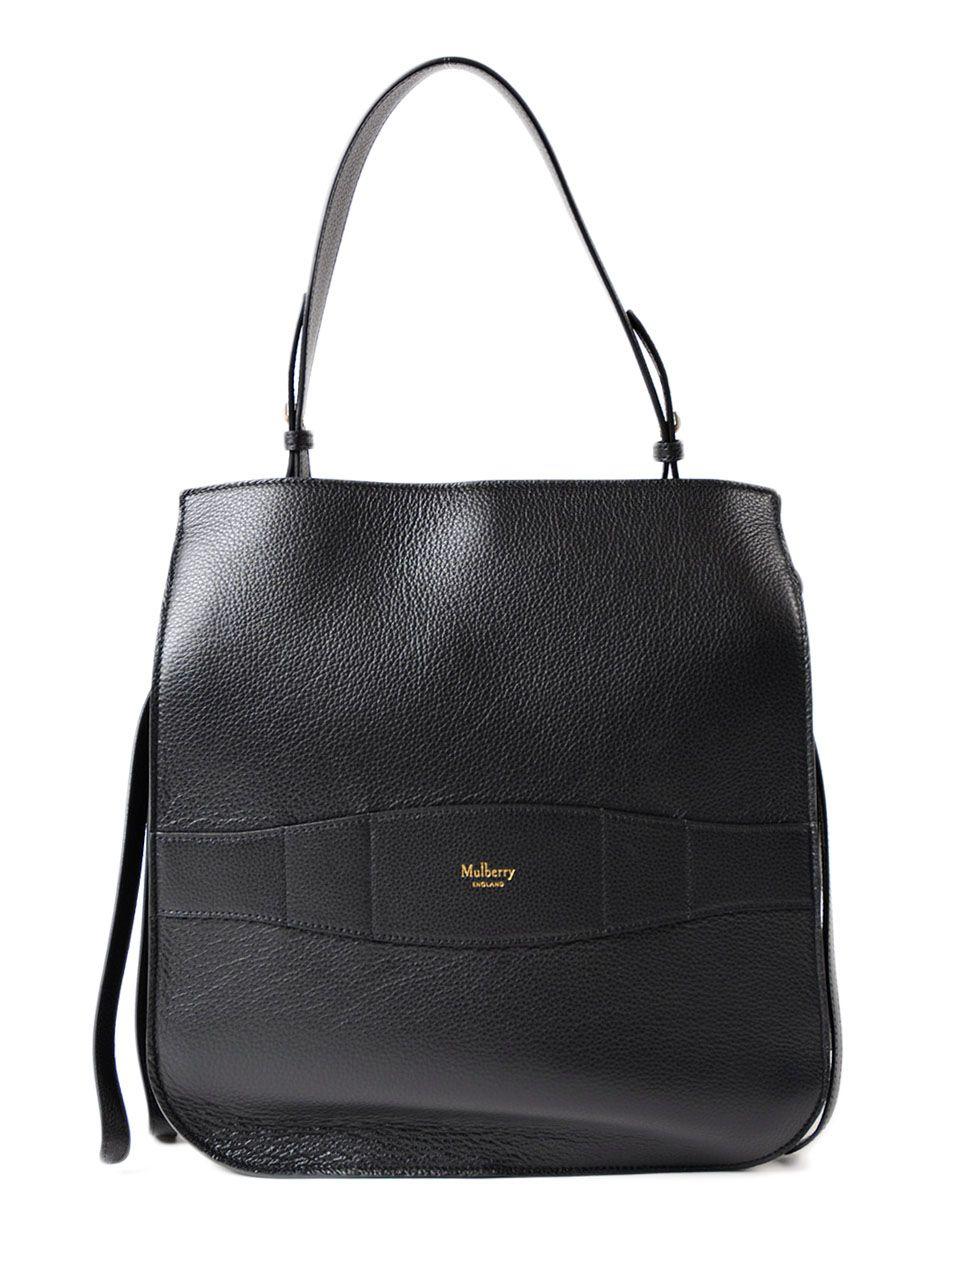 Amberley Hobo Bag in Ablack